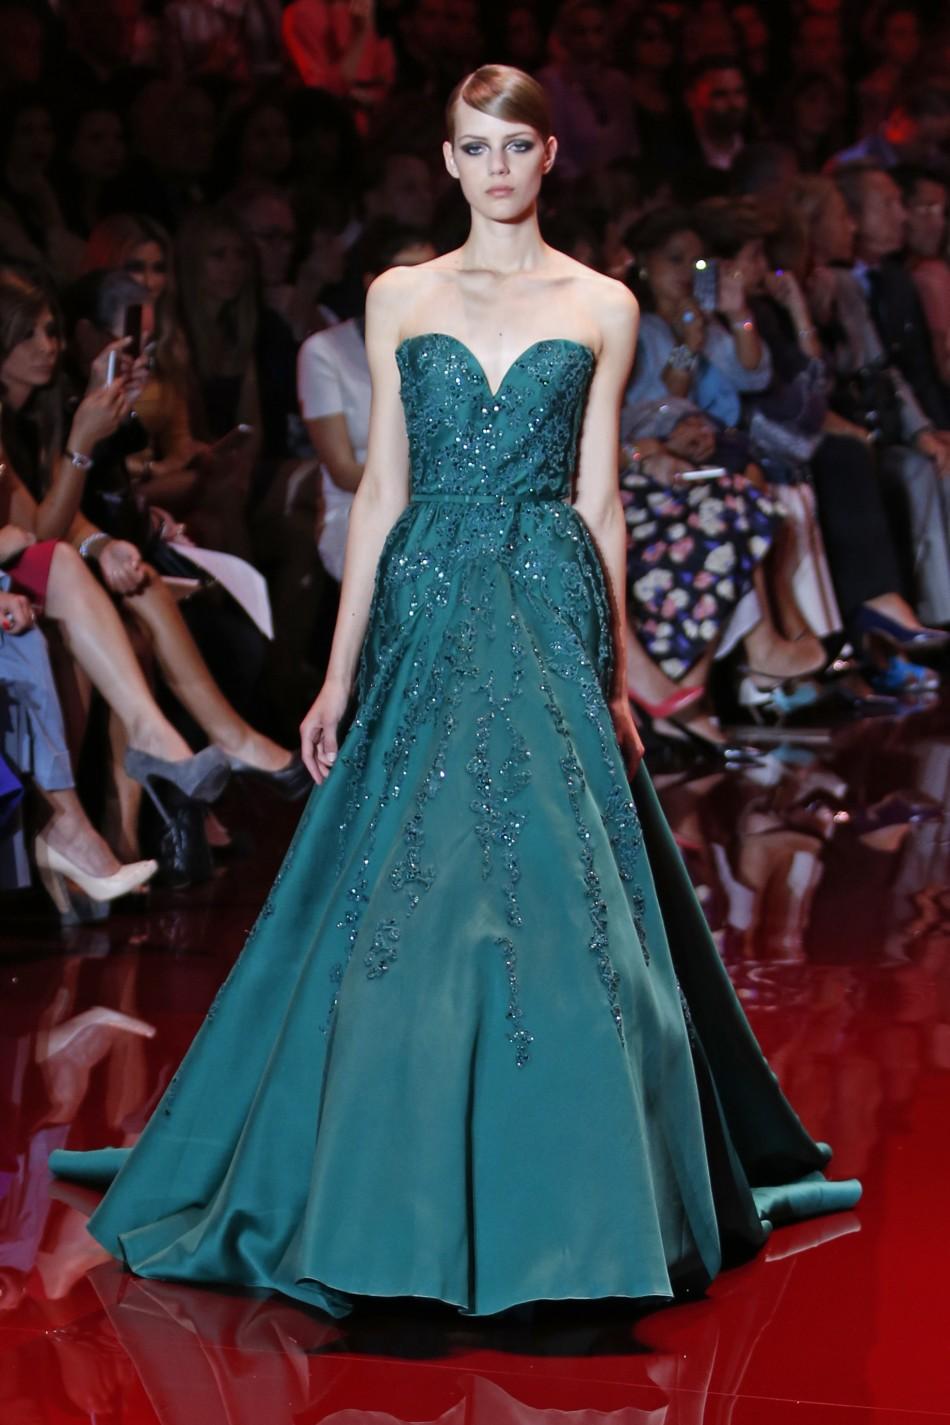 Paris Fashion Week 2013: Elie Saab's Royal Touch Creates ...